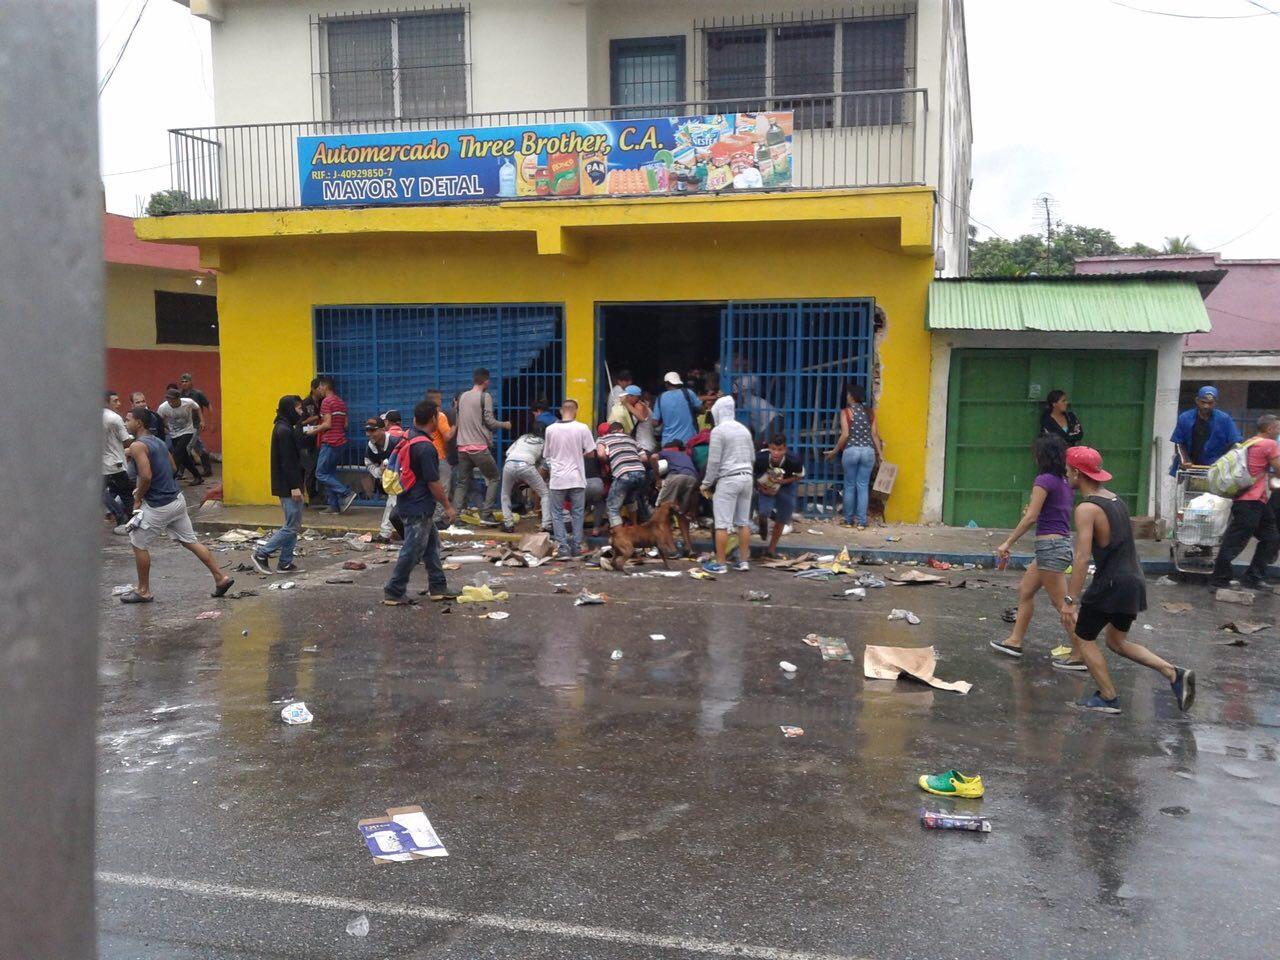 Grupo de delincuentes robaron locales en Naguanagua (1)